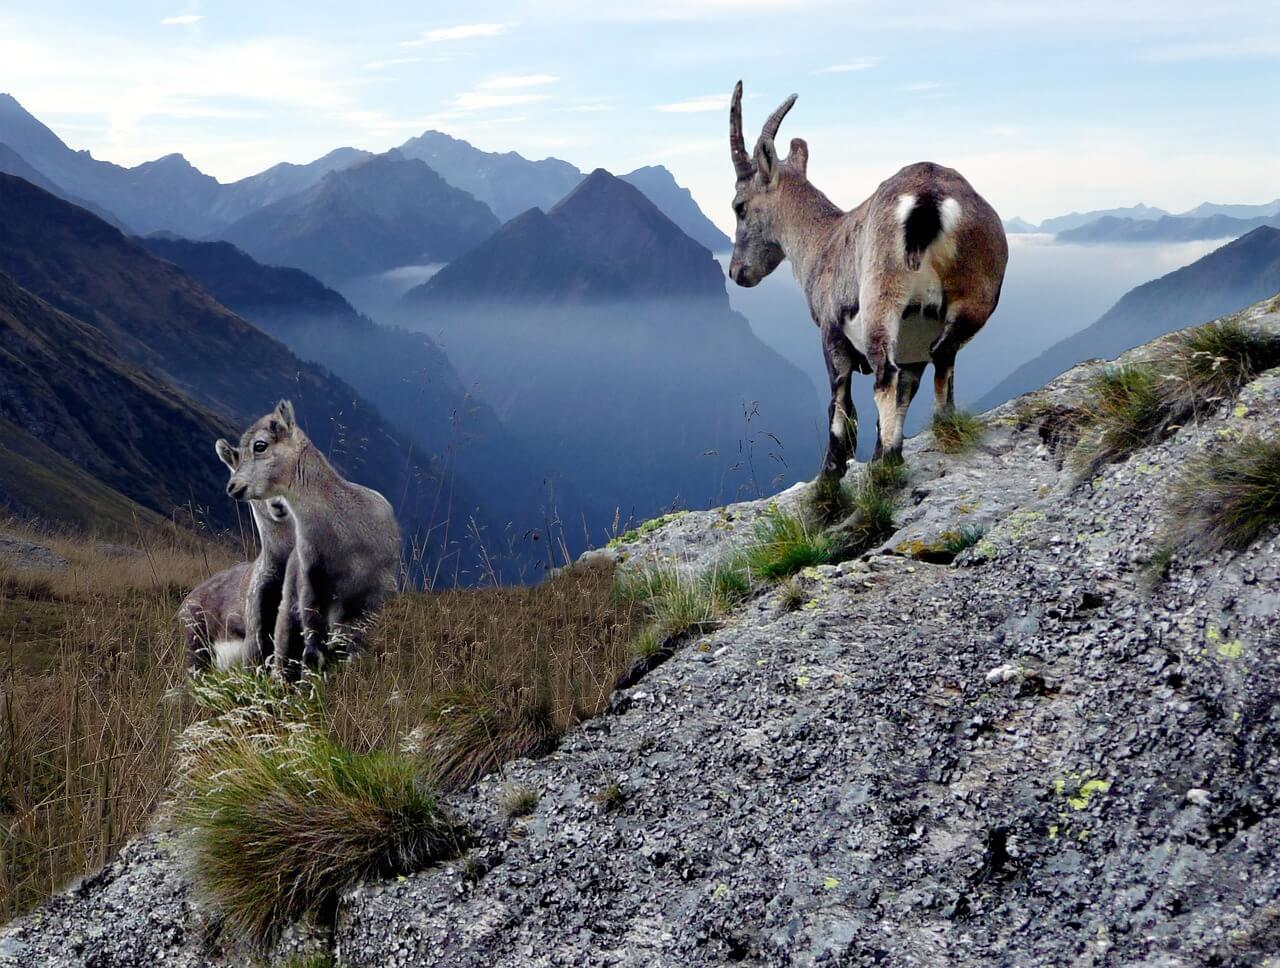 Gämse mit Jungtieren in der Greina-Hochebene in der Schweiz. Foto: Gabriela Fink, pixabay.